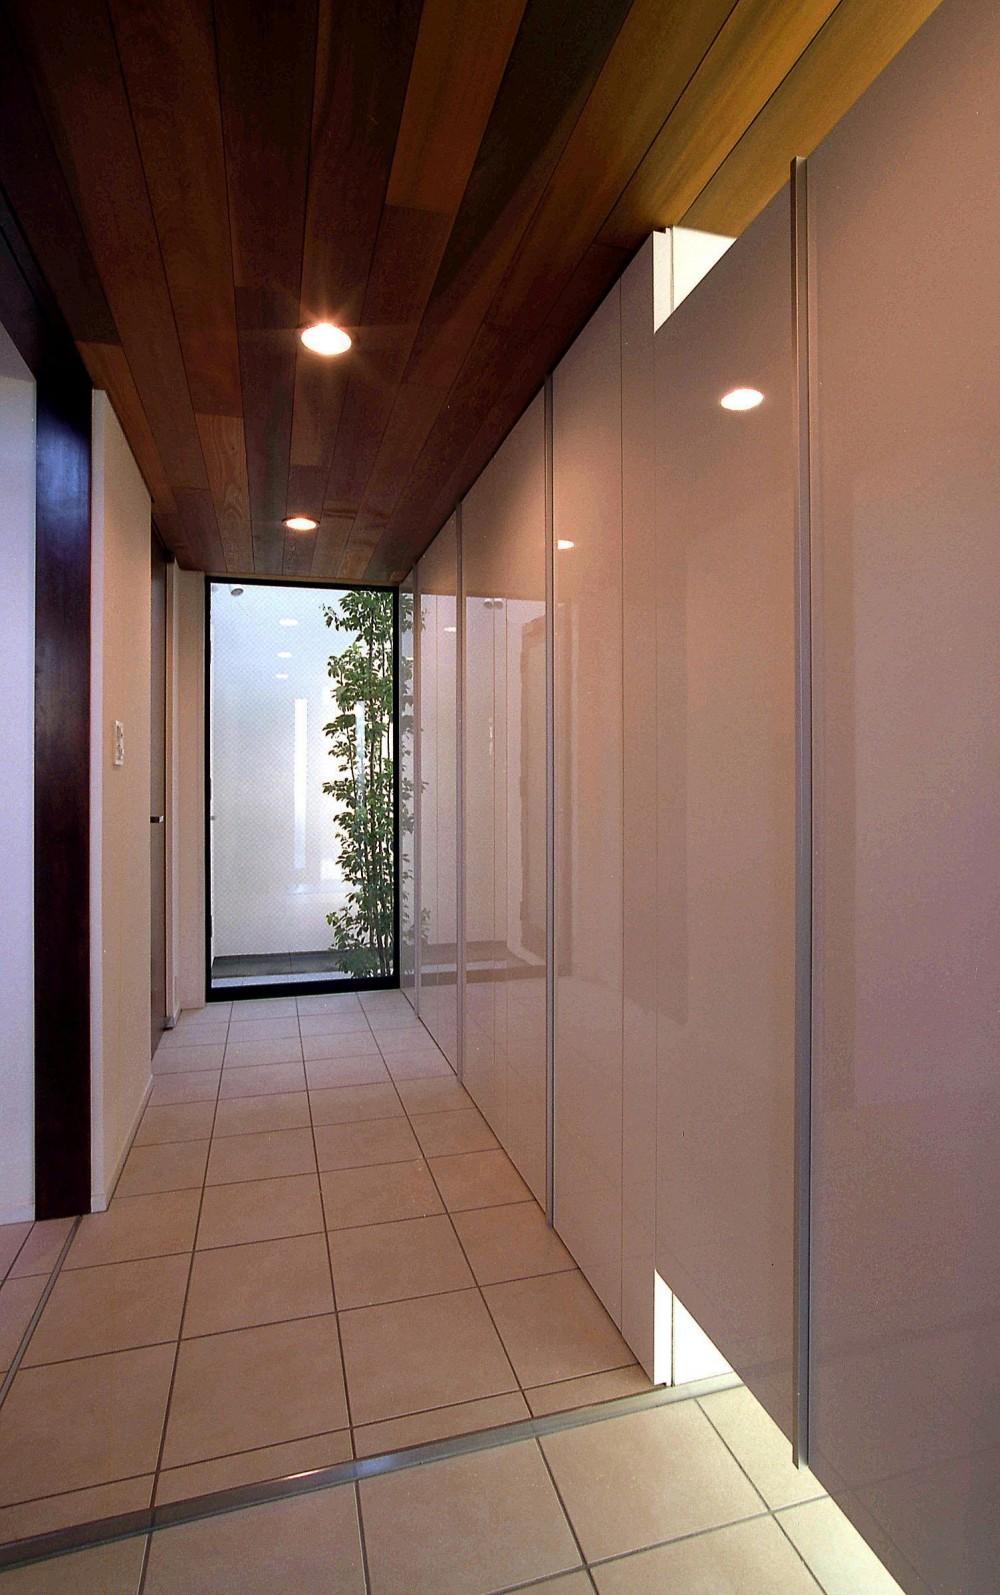 オープンテラスの家・OPEN TERRACE HOUSE 東京都世田谷区 (玄関)